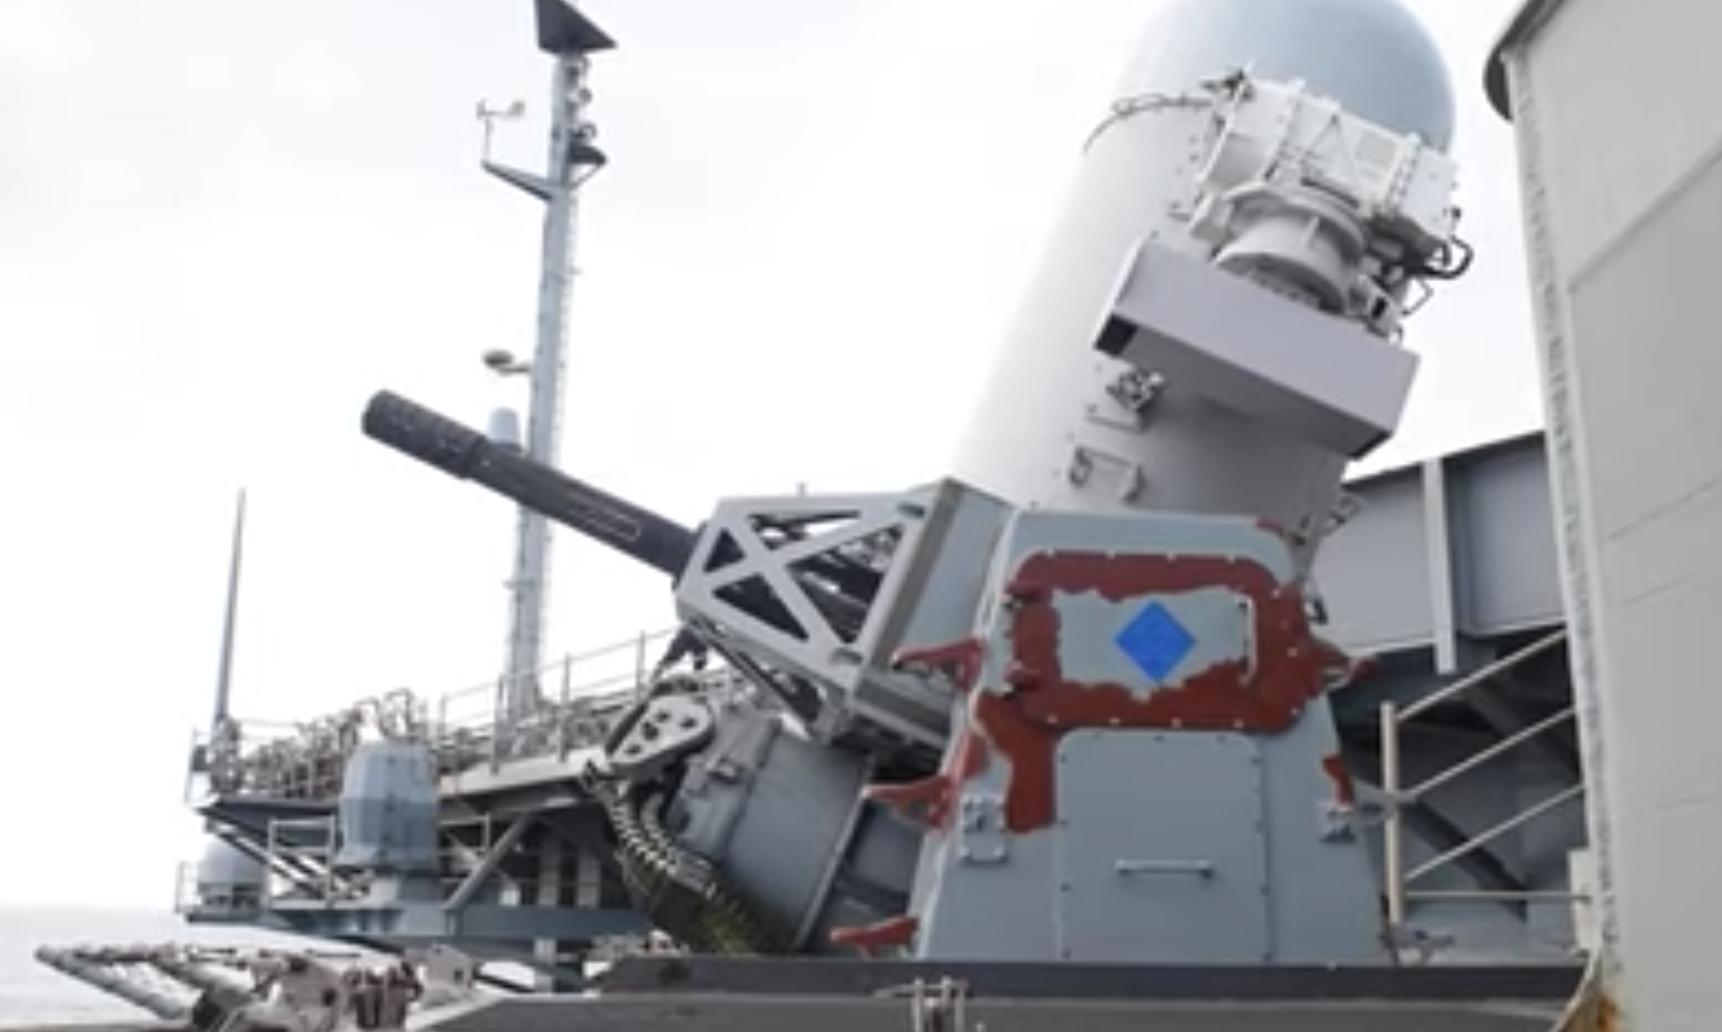 Ngũ Giác Đài cân nhắc thành lập lực lượng đặc nhiệm hải quân để đối phó Trung Cộng ở Thái Bình Dương